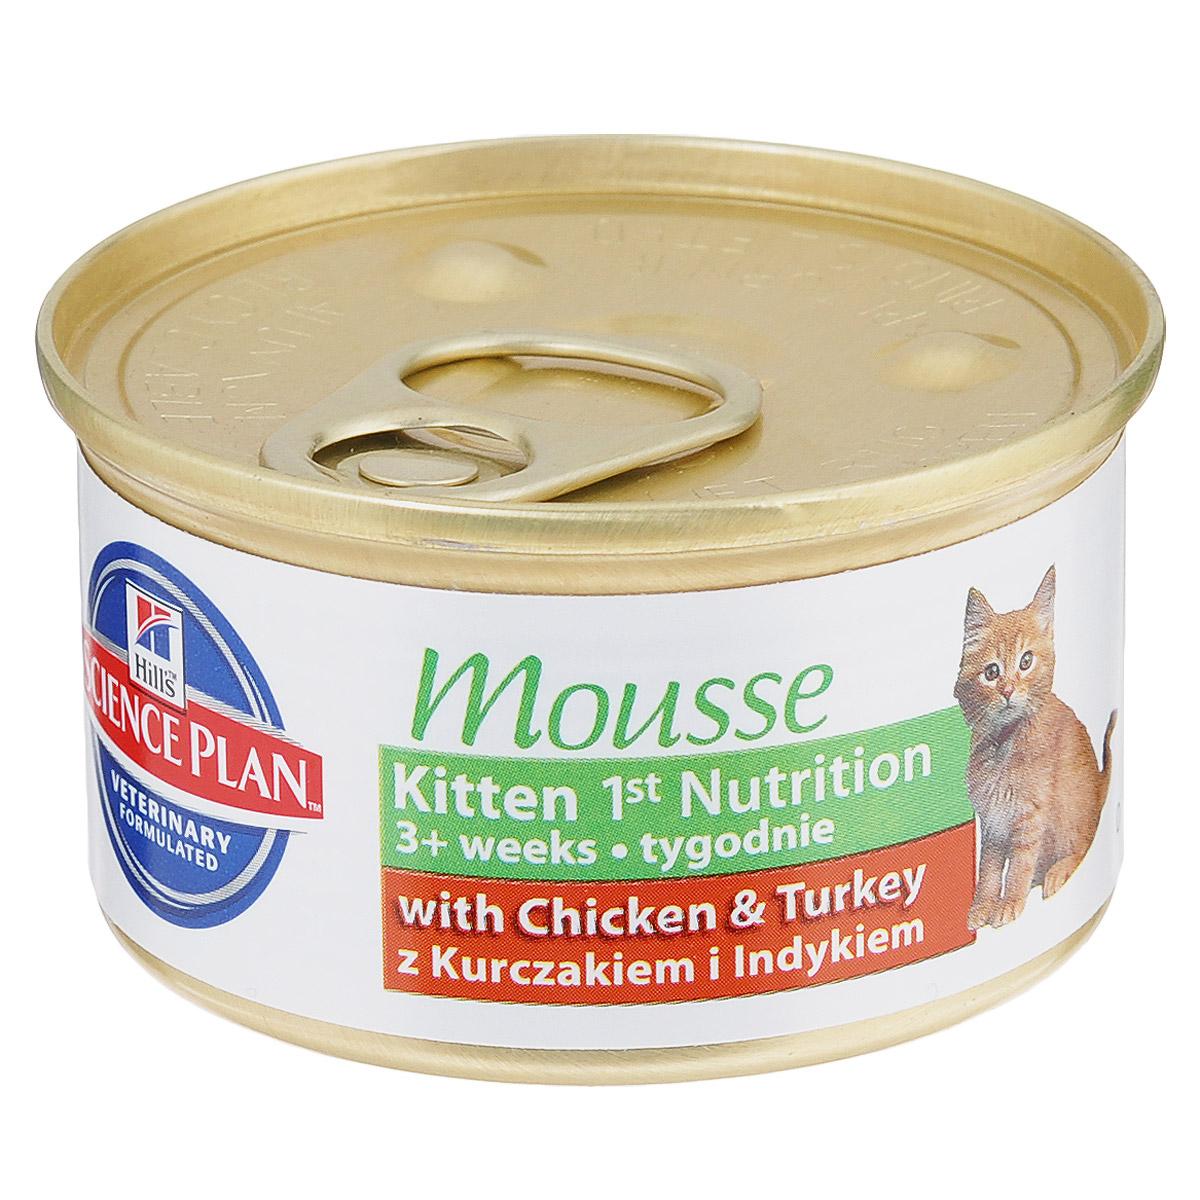 Консервы для котят Hills Kitten, нежный мусс с курицей, 85 г2387Консервы для котят Hills Kitten - полноценный корм для растущих котят с момента отъема до 1 года (с курицей). Состав: печень, свинина, курица (минимум 4%), соевая мука, сухое цельное яйцо, животный жир, мука из маисового глютена, кукурузный крахмал, гидролизат белка, свекольная пульпа, целлюлоза, дикальция фосфат, рыбная мука, рыбий жир, L-лизина гидрохлорид, пивные дрожжи, кальций карбонат, кальция сульфат, DL-метионин, калия хлорид, L-триптофан, магния оксид. Добавки: Витамин D3, витамин E, гептагидрат сульфата железа (II), оксид цинка, сульфат меди, оксид марганца, иодат кальция, натрия селенит, ниацин, d-пантотенат кальция, тиамин, рибофлавин, пиридоксин-гидрохлорид, фолиевая кислота, биотин, витамин B12. Вес: 85 г. Товар сертифицирован.